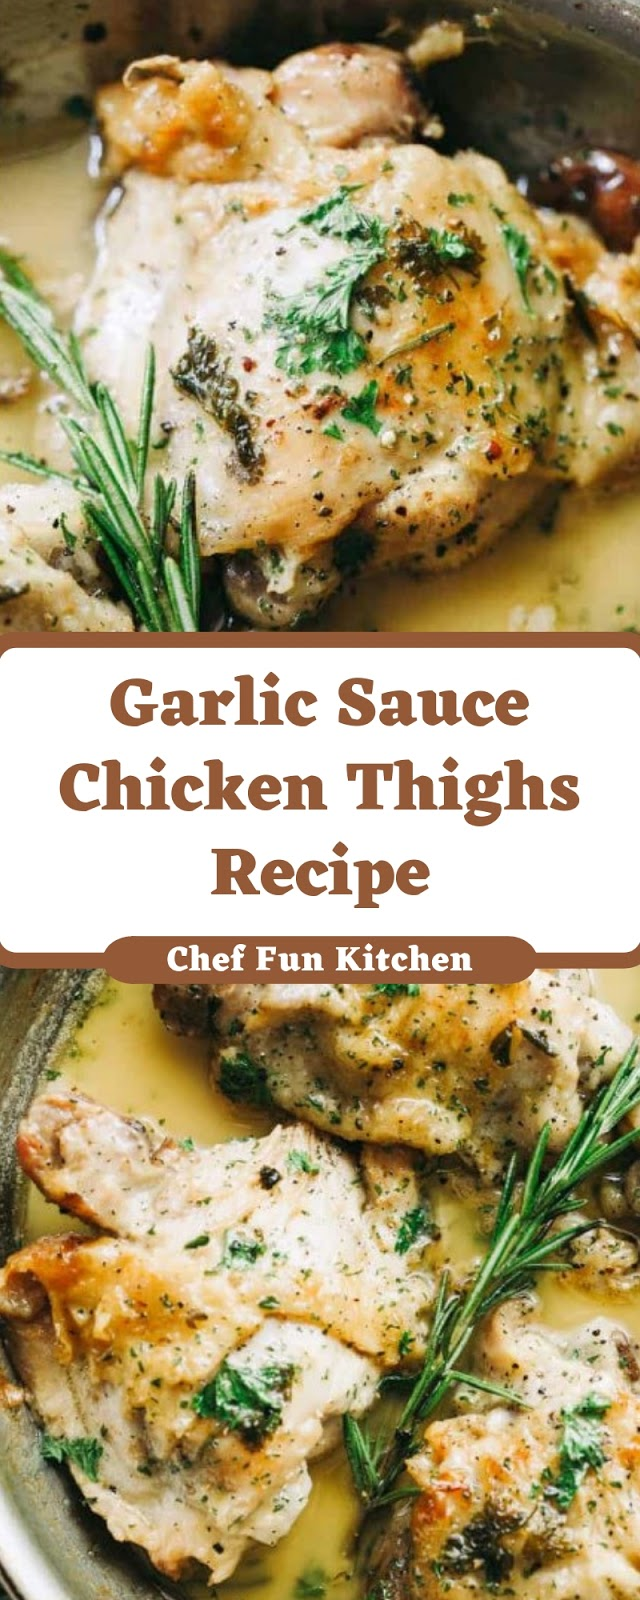 Garlic Sauce Chicken Thighs Recipe